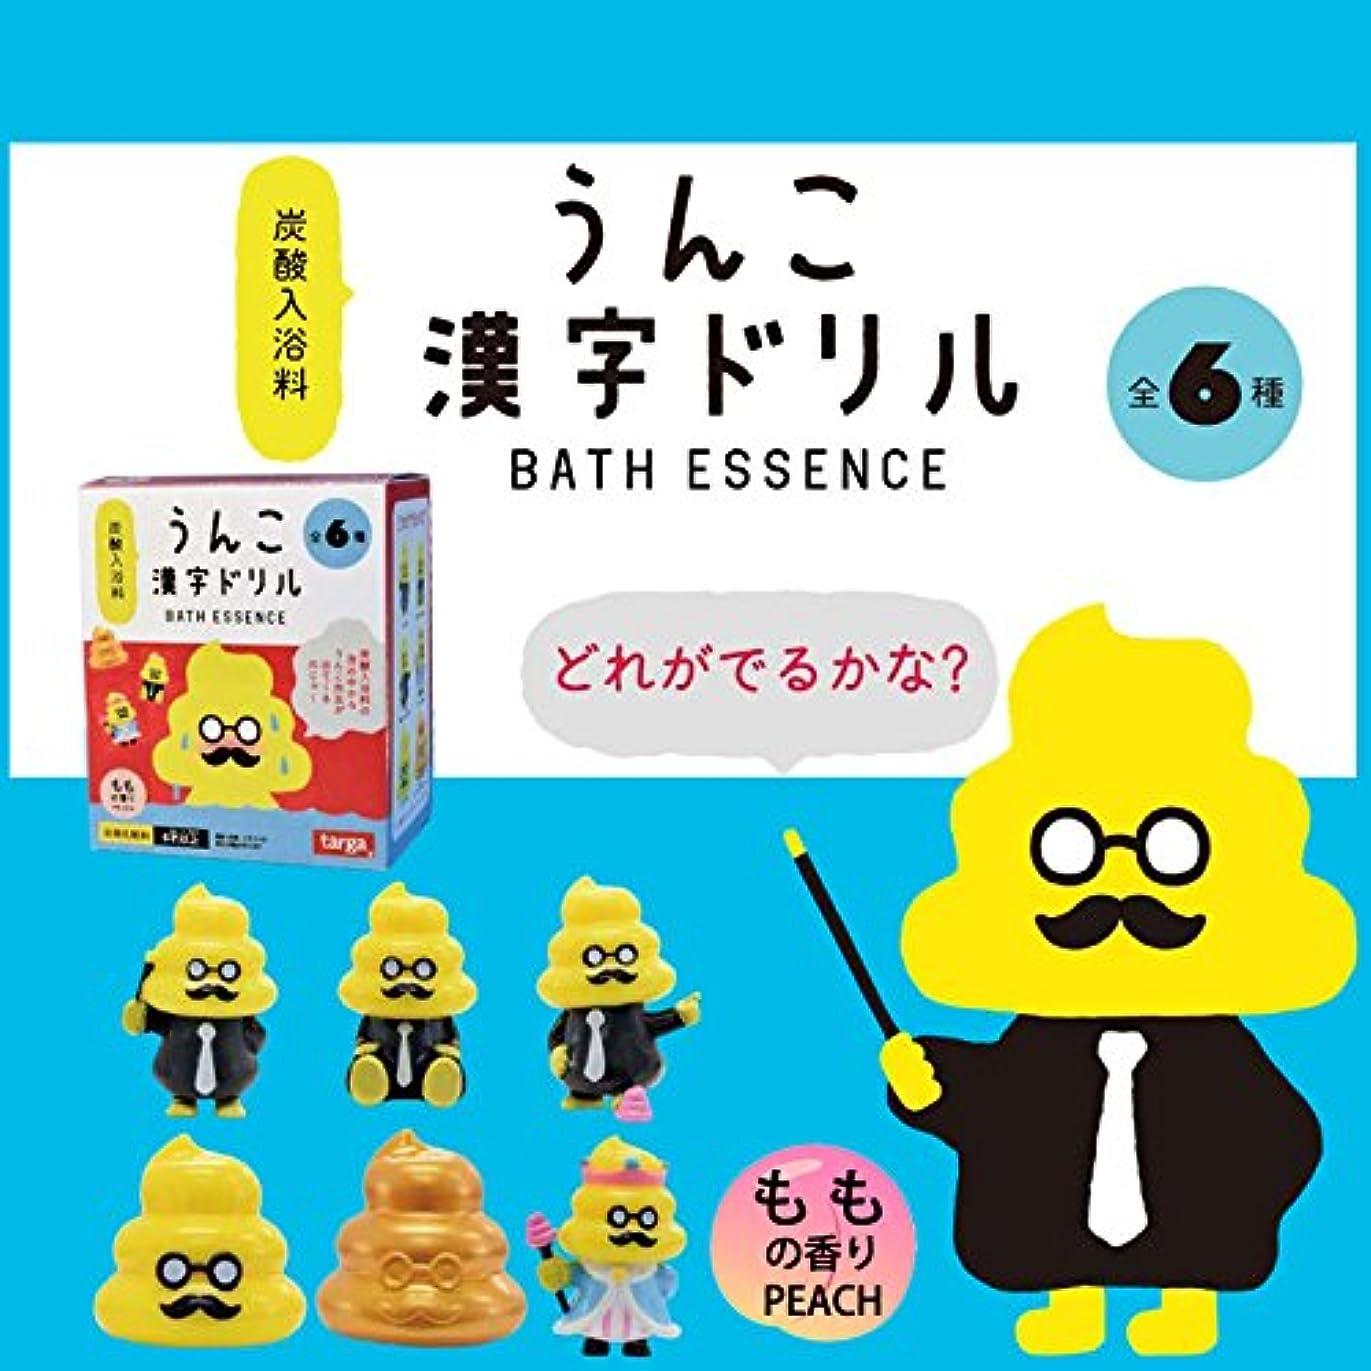 主流遠えクラスうんこ漢字ドリル 炭酸入浴料 6個1セット 入浴剤